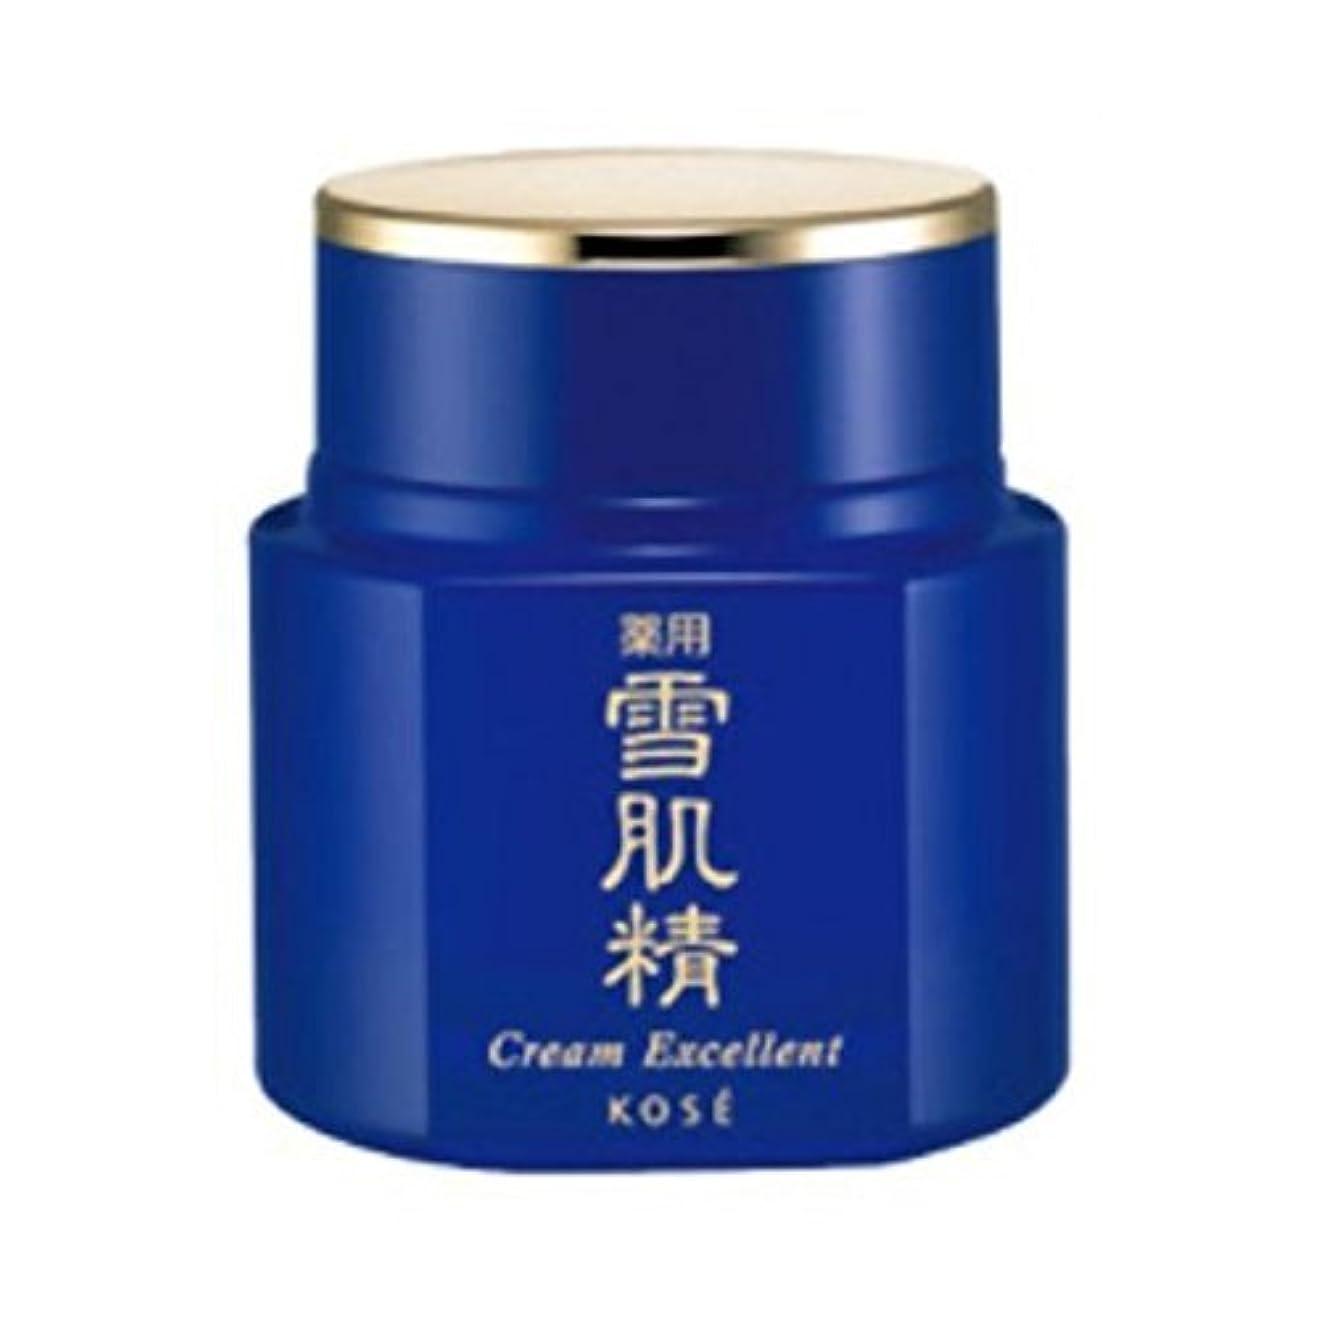 シンク夏カスタムコーセー 薬用 雪肌精 クリーム エクセレント 50g